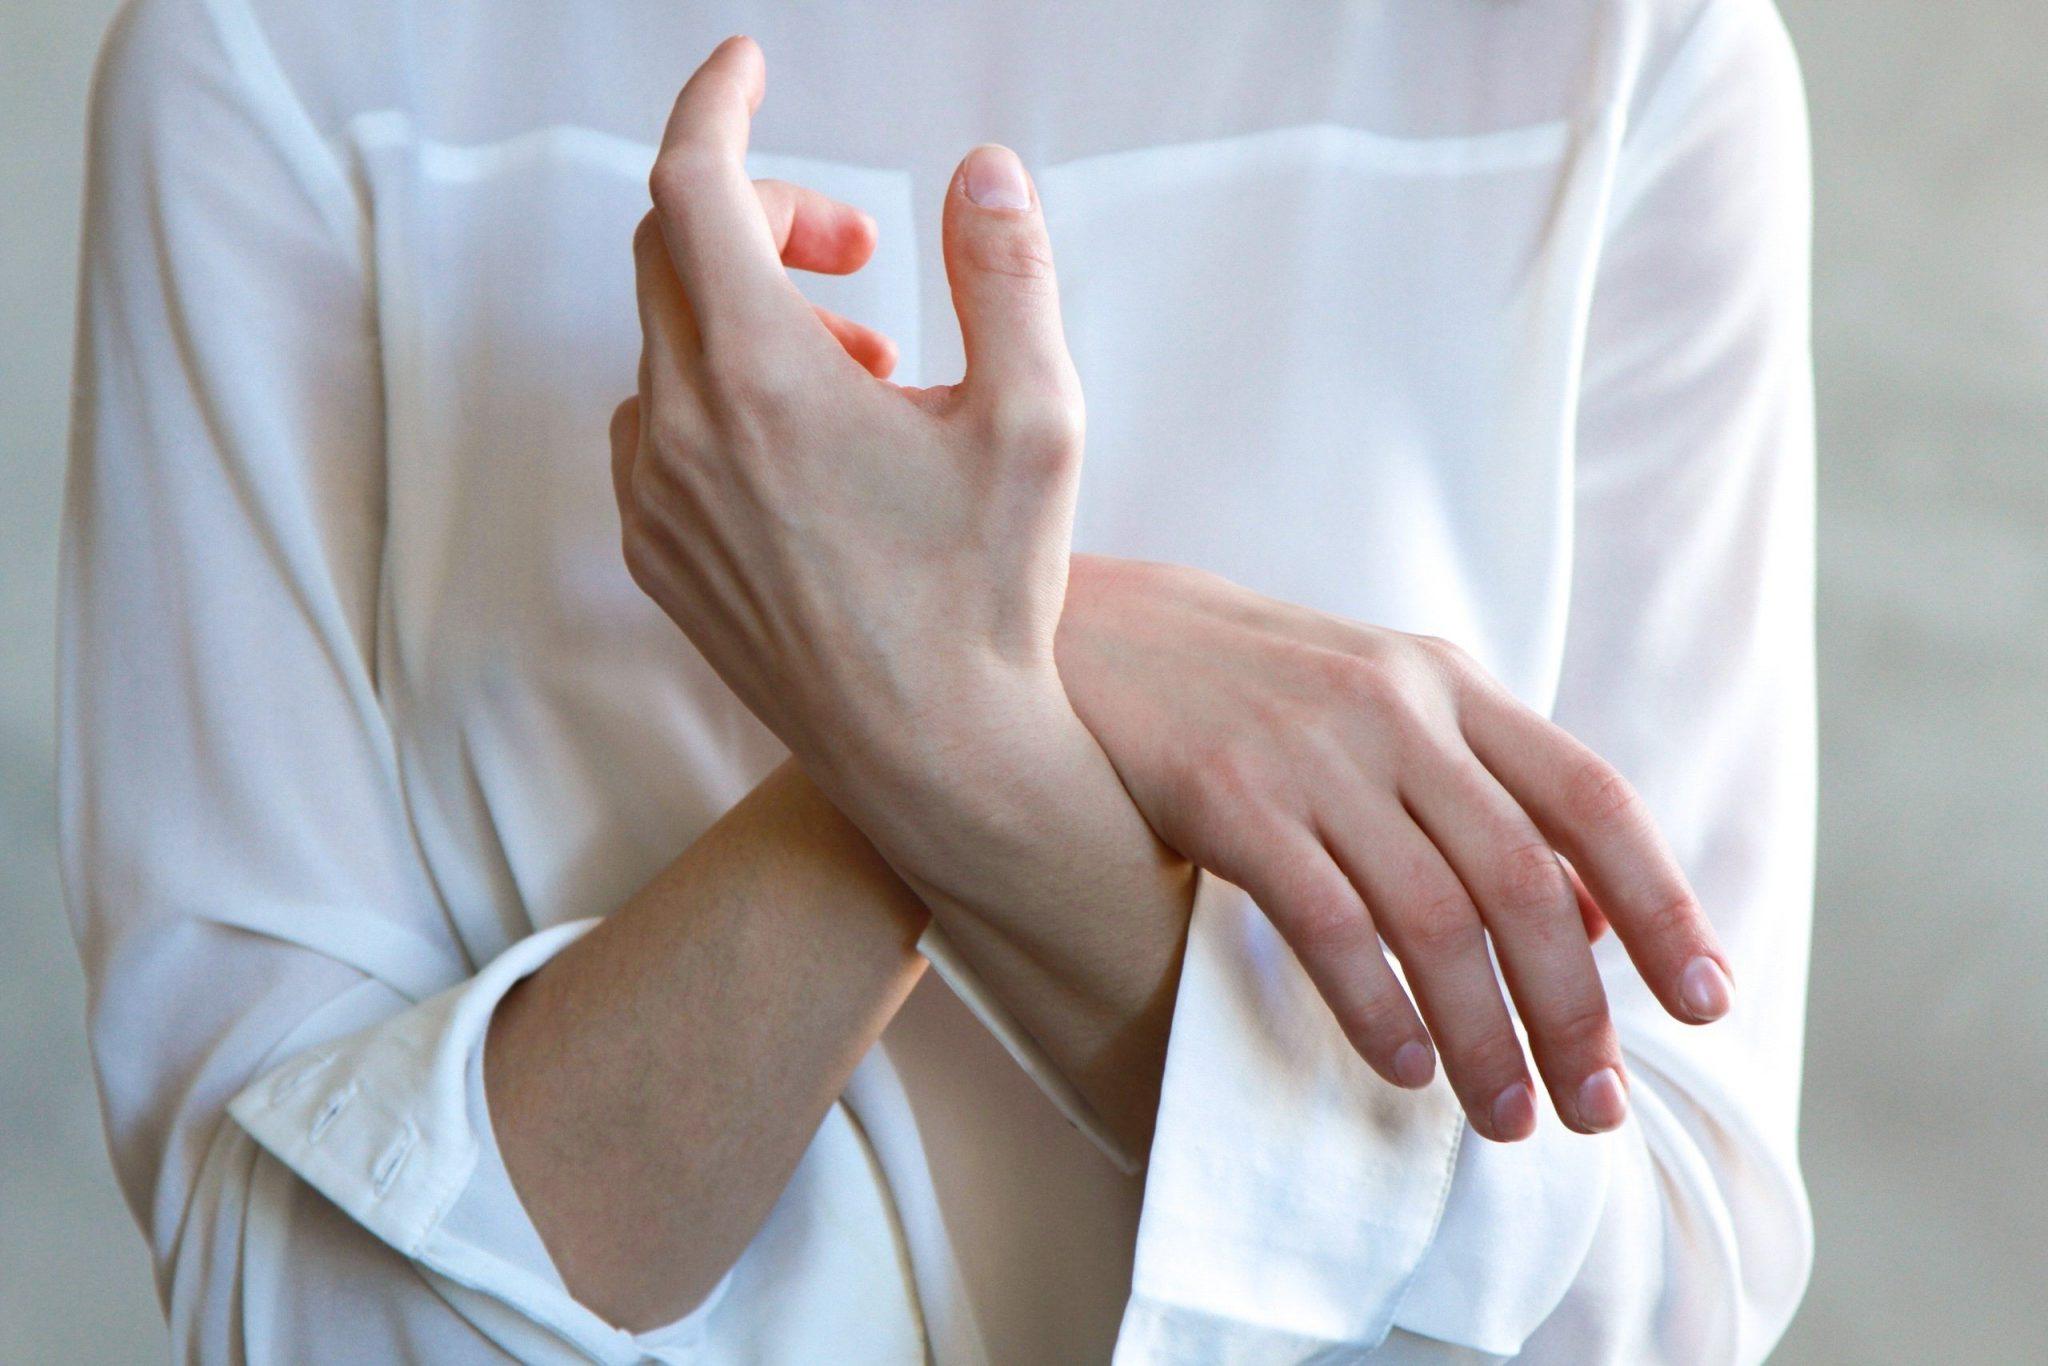 Идеи для борьбы с болью при артрите